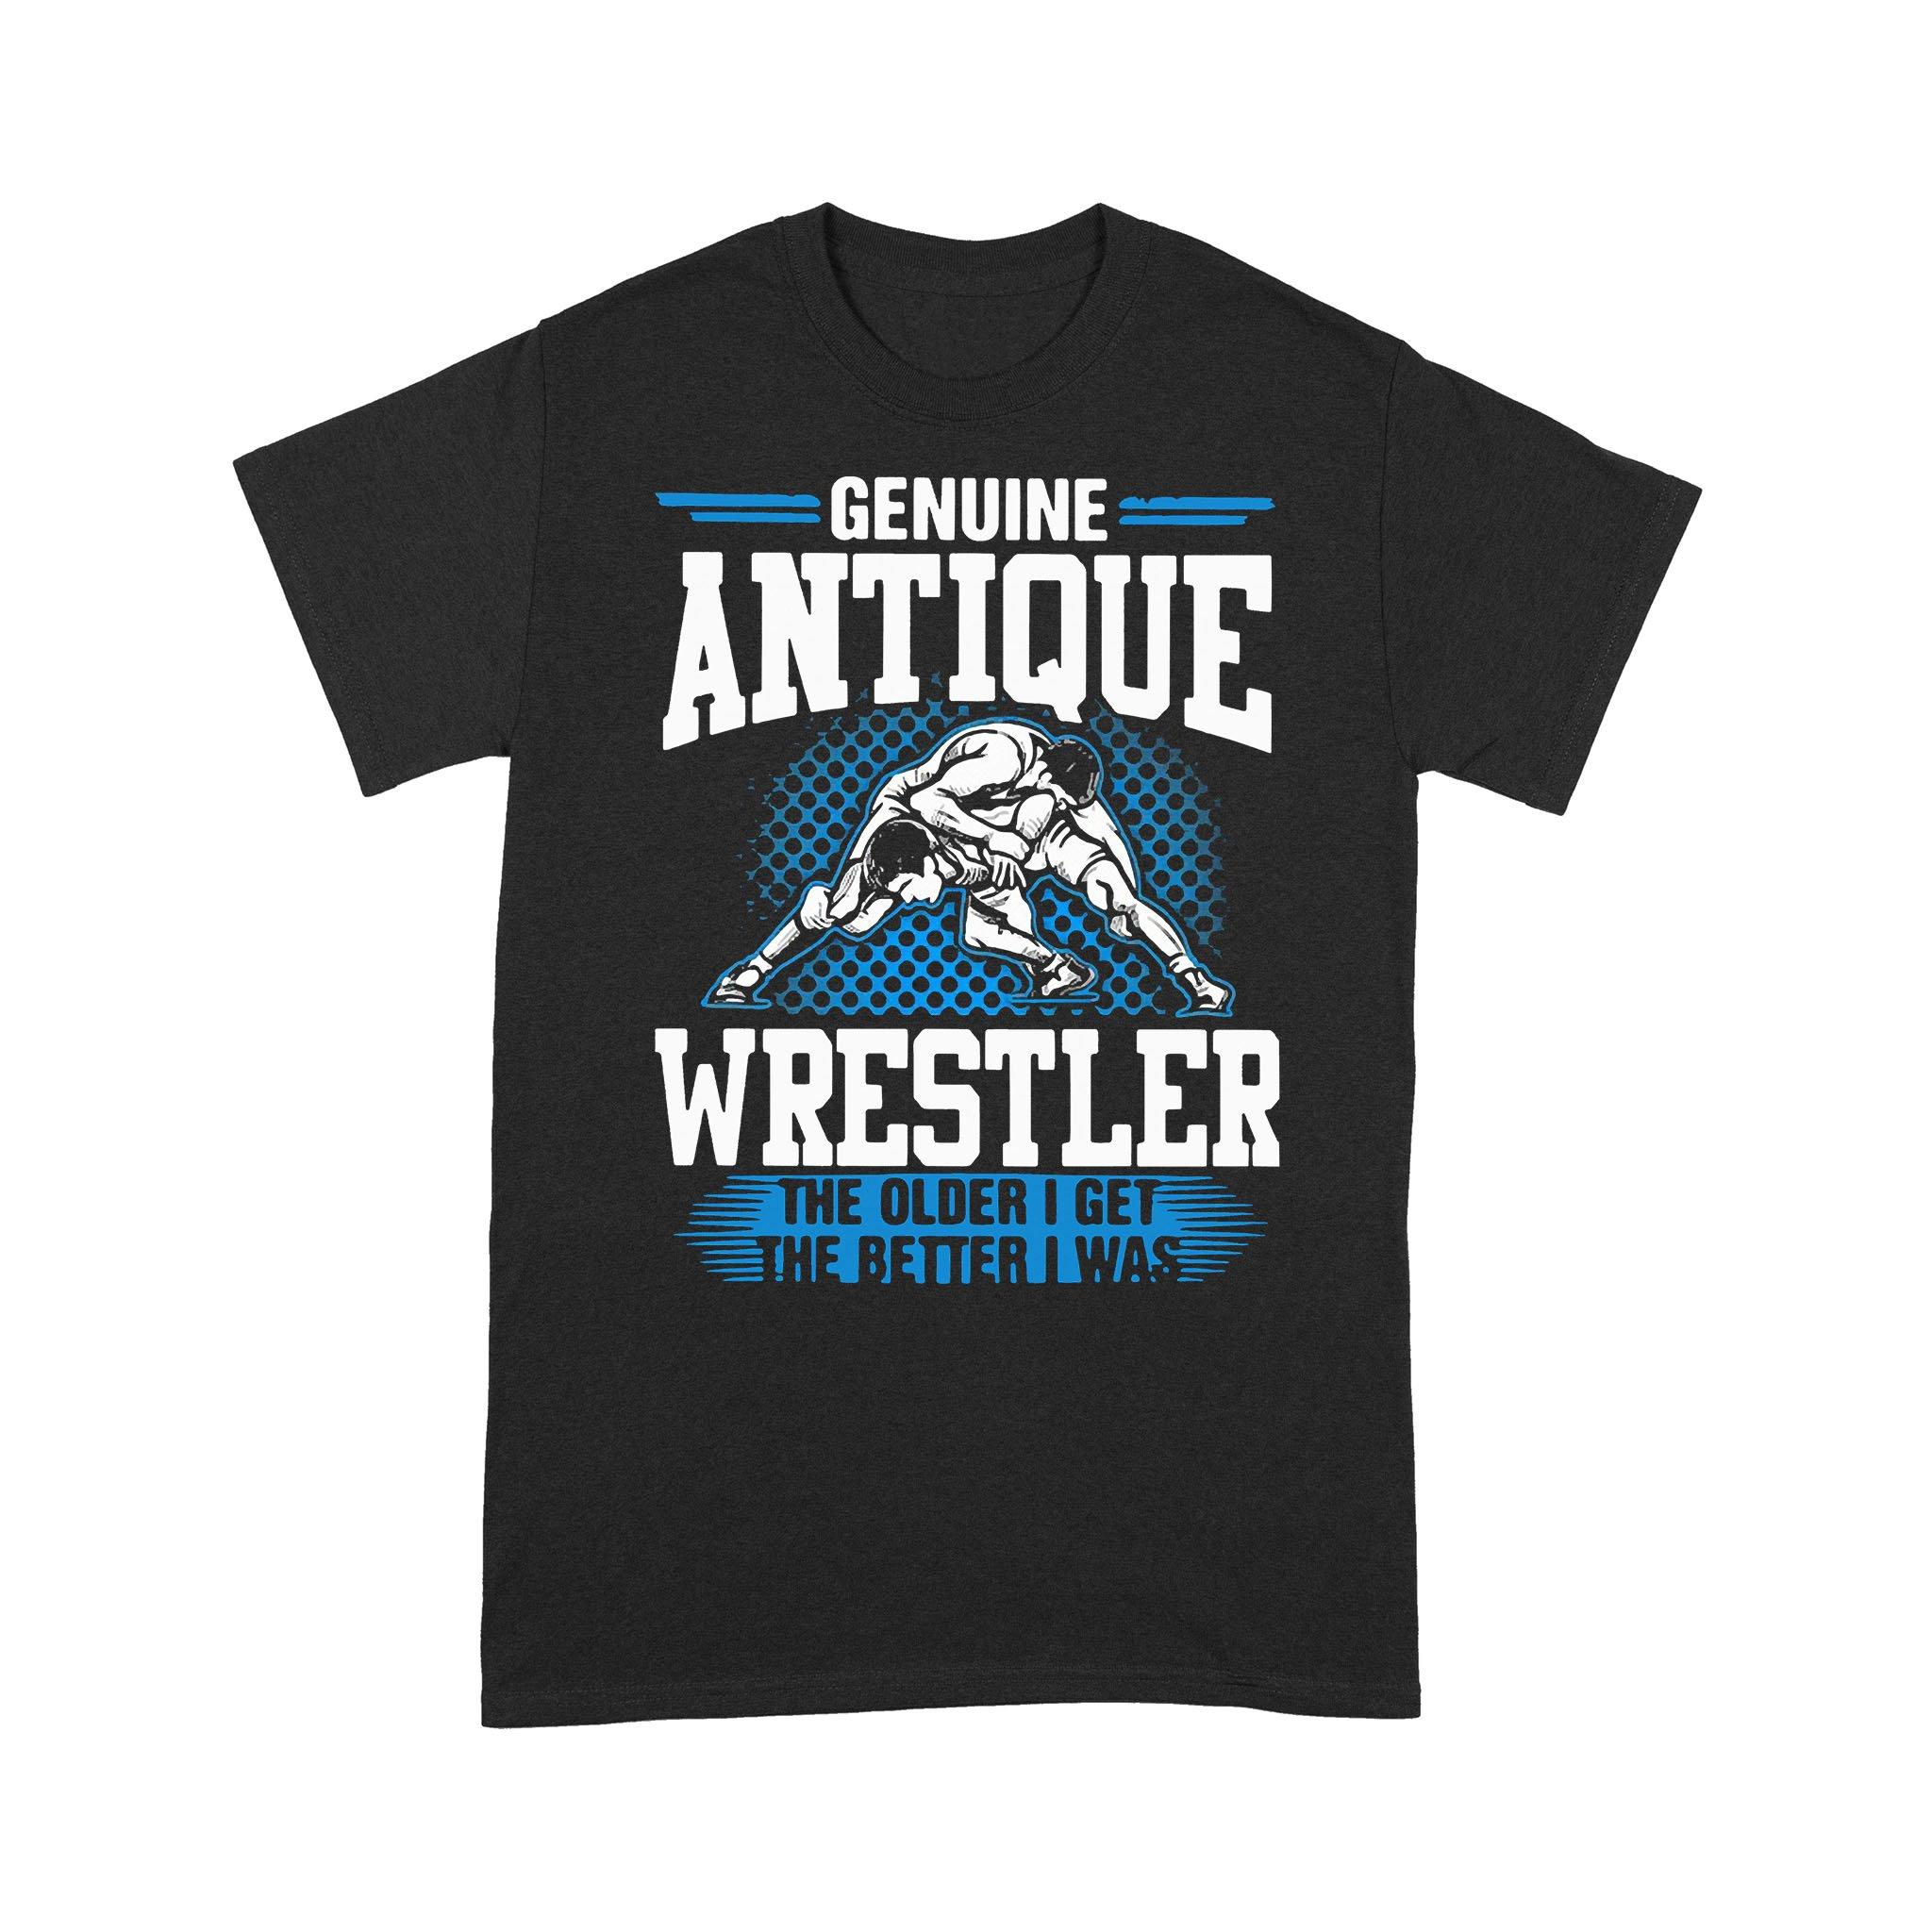 Genuine Antique Wrestler The Older I Get The Better I Was T-shirt